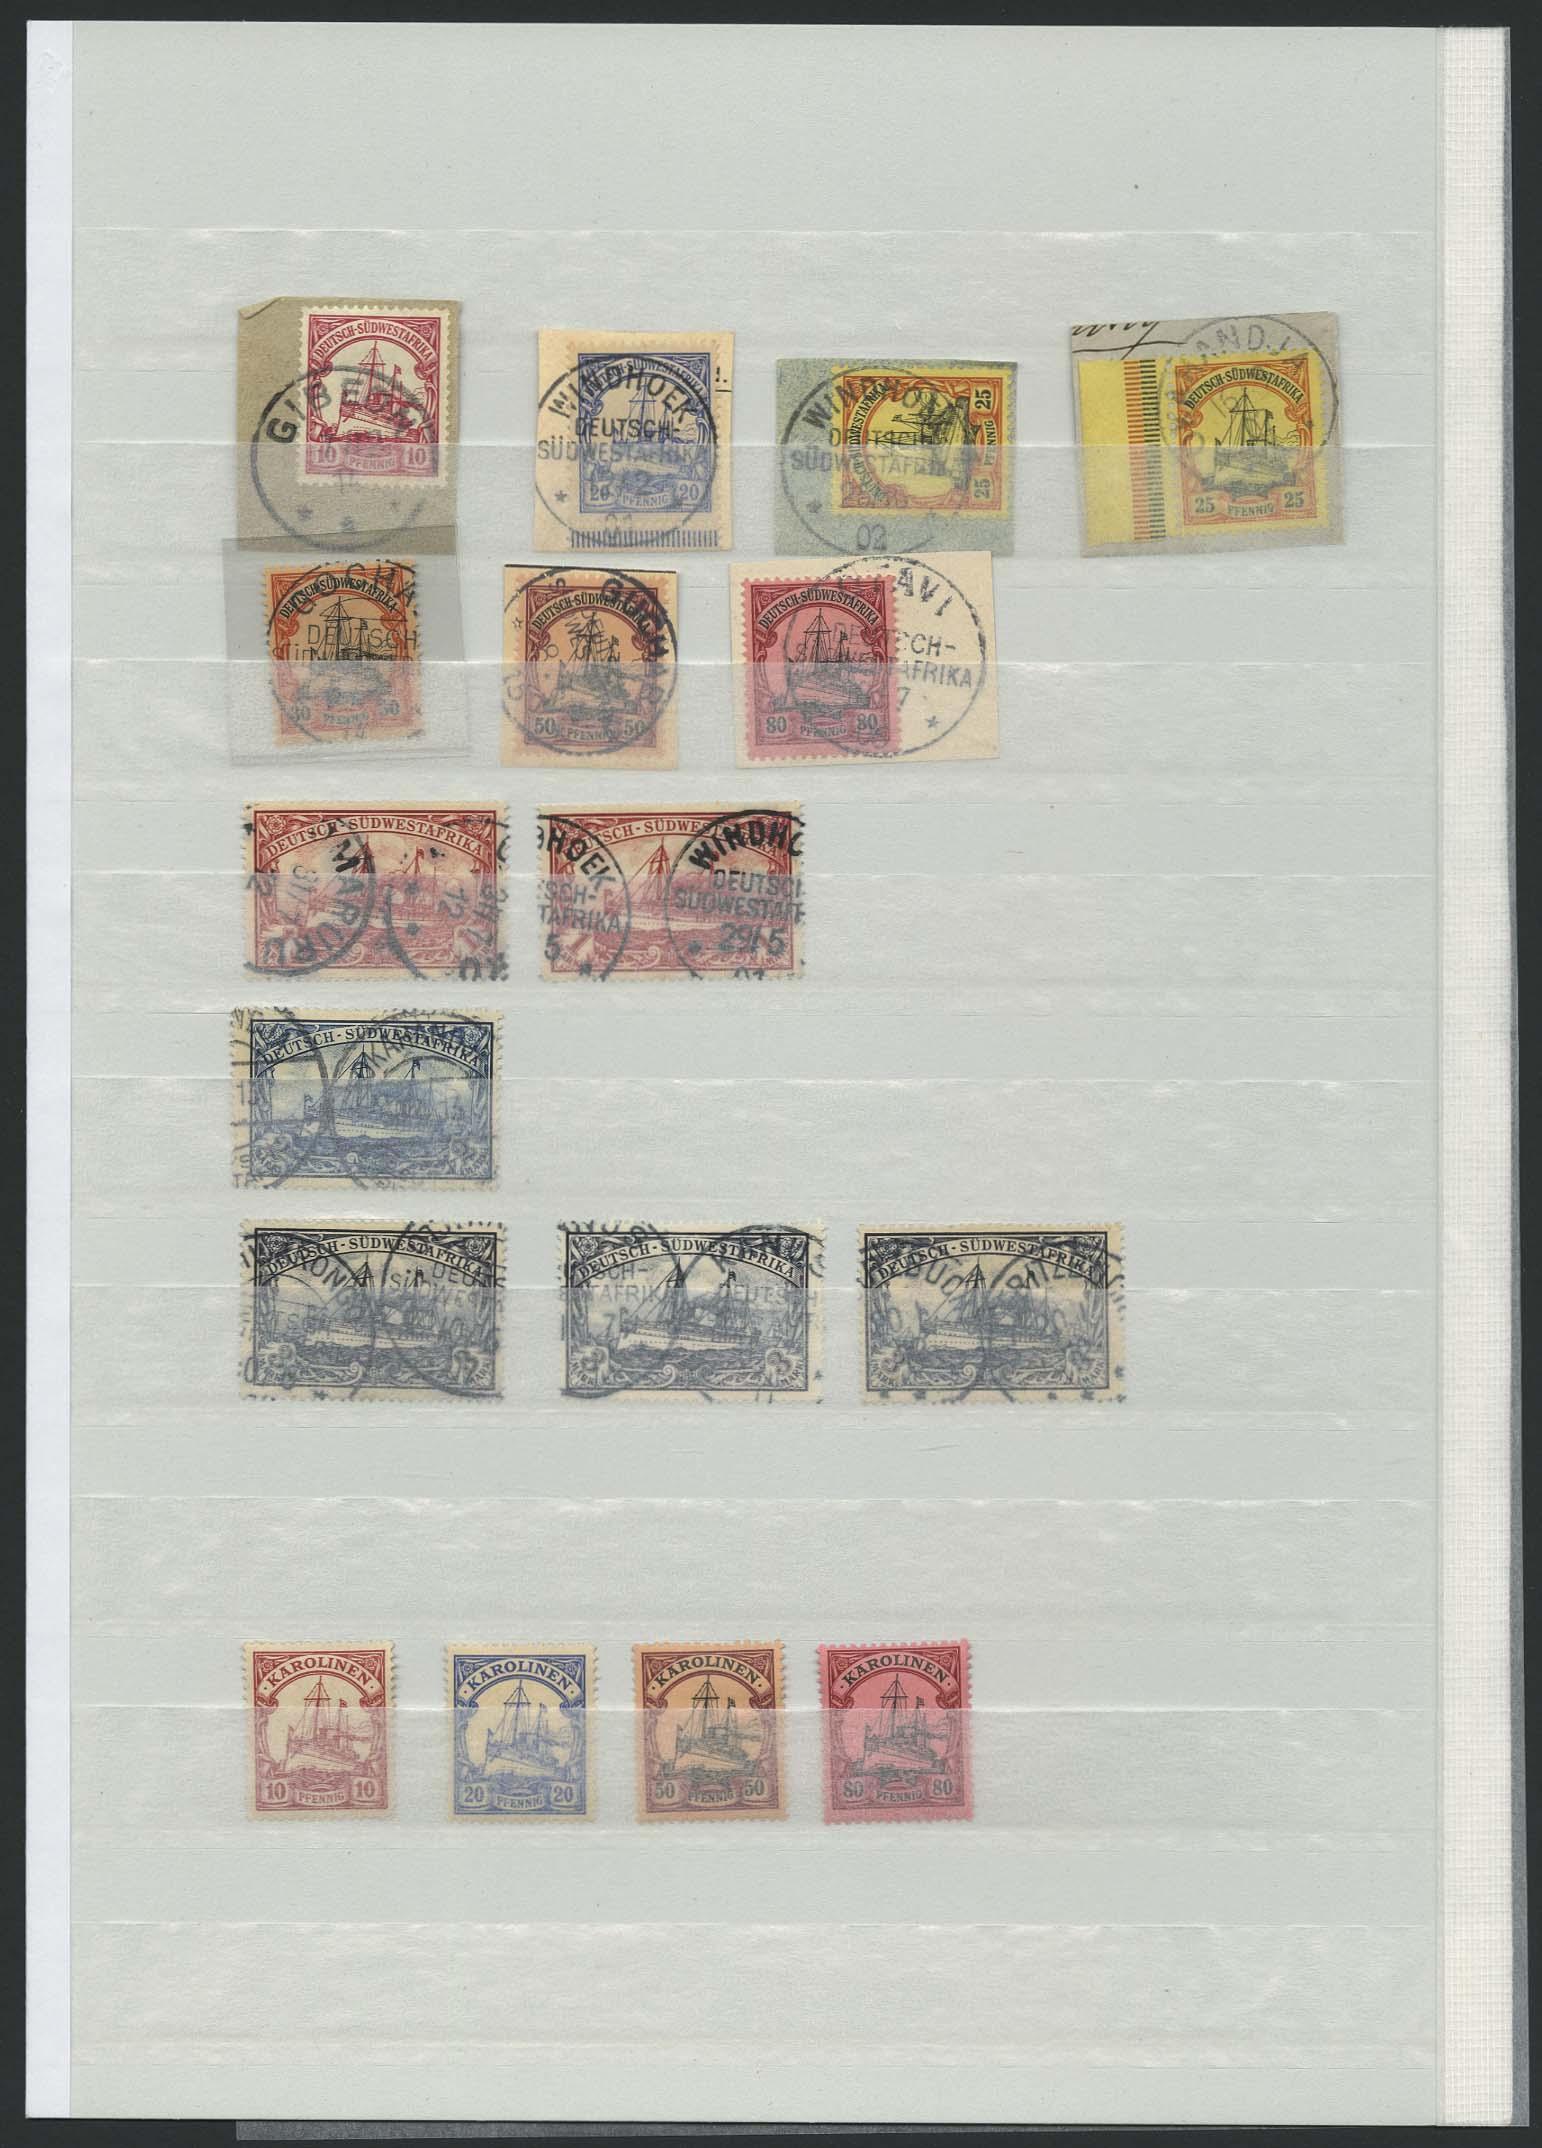 Lot 7197 - Auslandspostämter & Kolonien Allgemein S -  Auktionshaus Ulrich Felzmann GmbH & Co. KG Auction 169